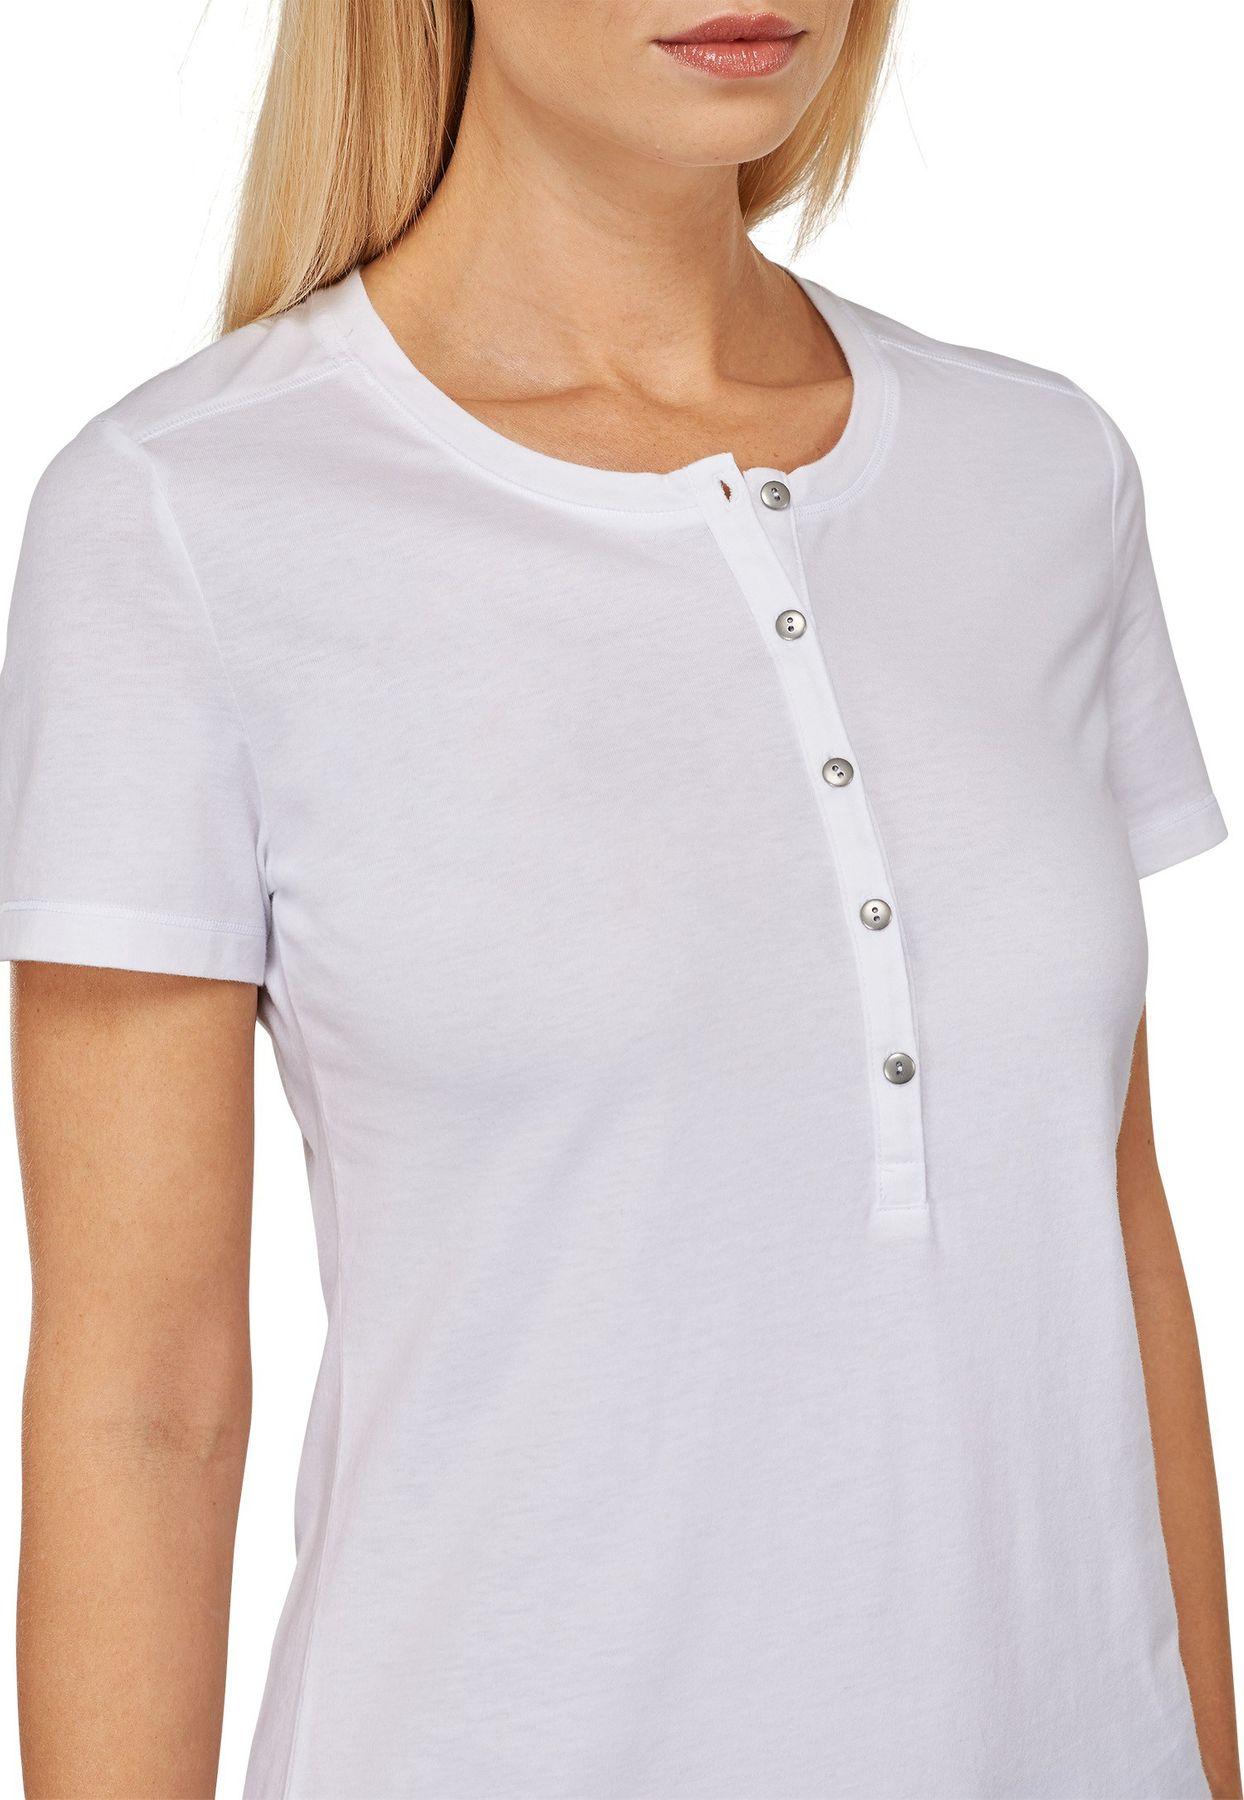 """Schiesser - Damen """"Mix & Relax"""" T-Shirt mit Knopfleiste, 151502 – Bild 4"""